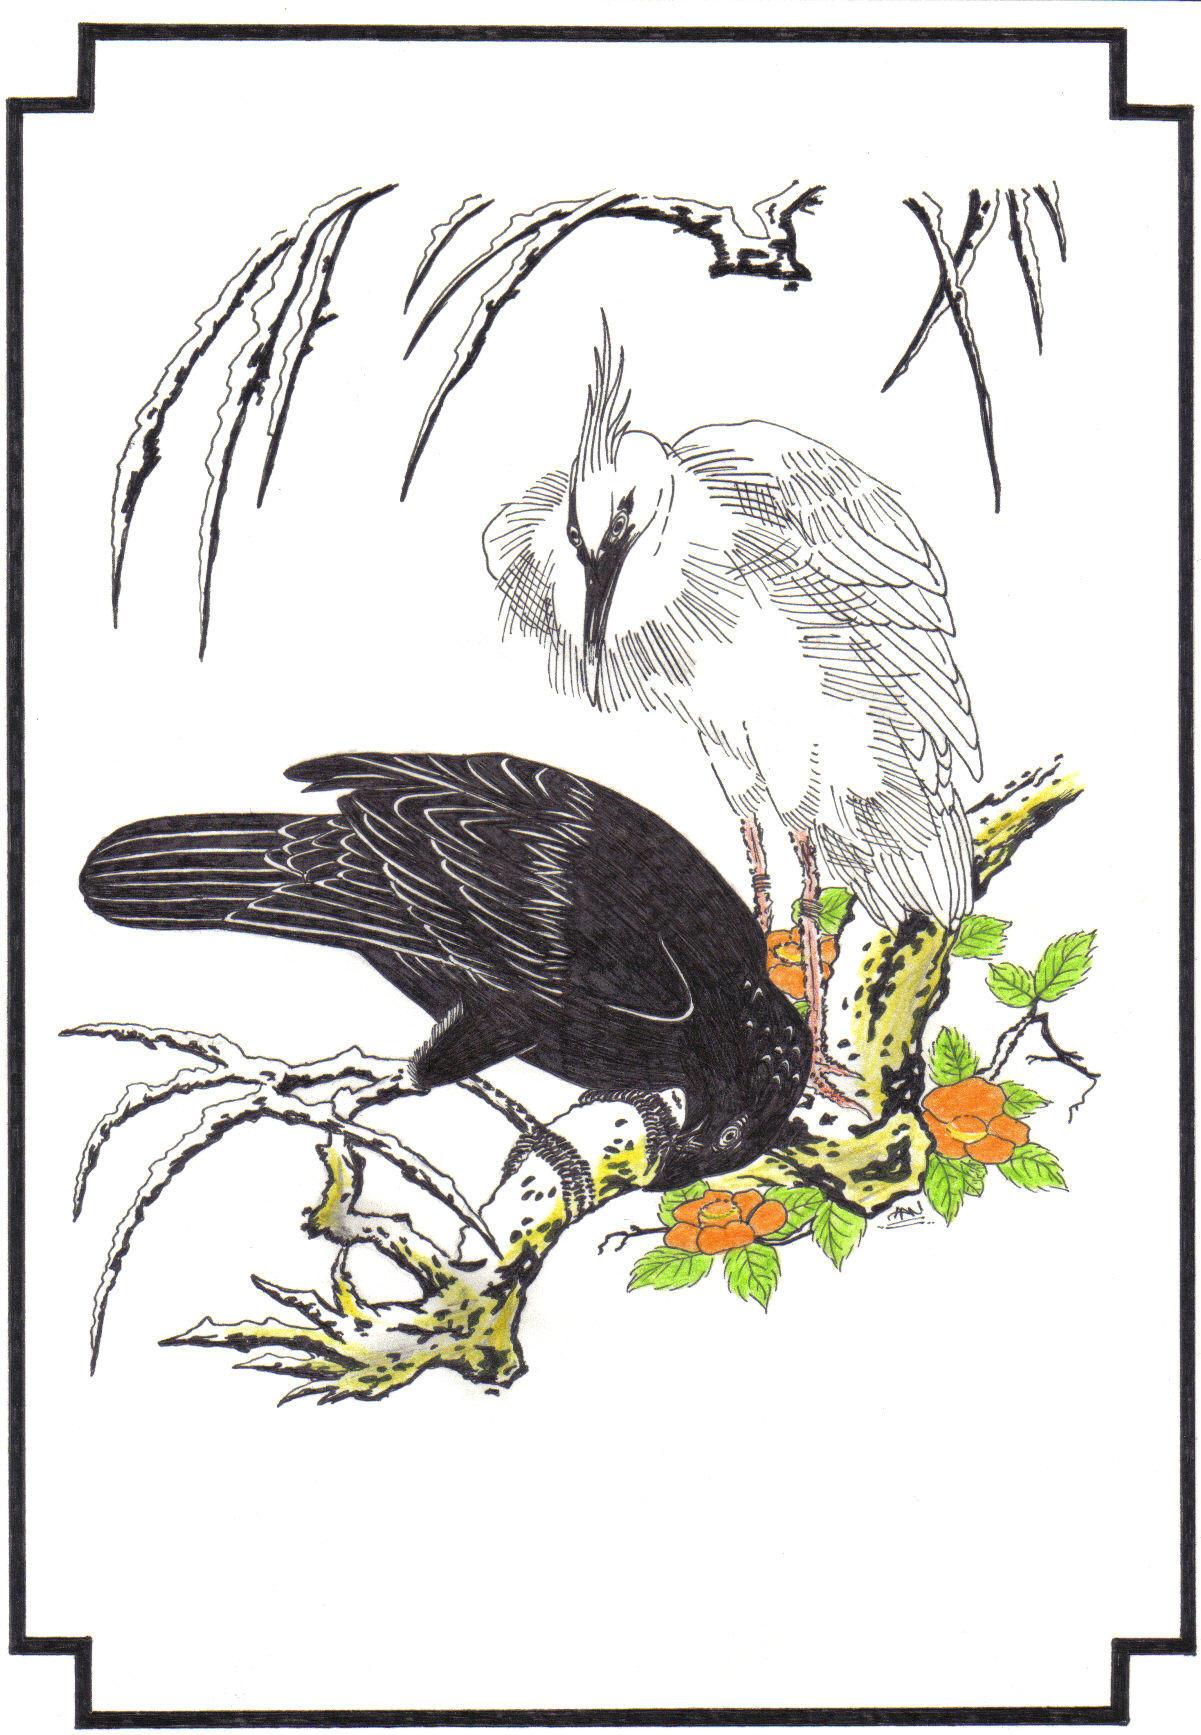 crow and stork black n white by grusom63 on deviantart. Black Bedroom Furniture Sets. Home Design Ideas